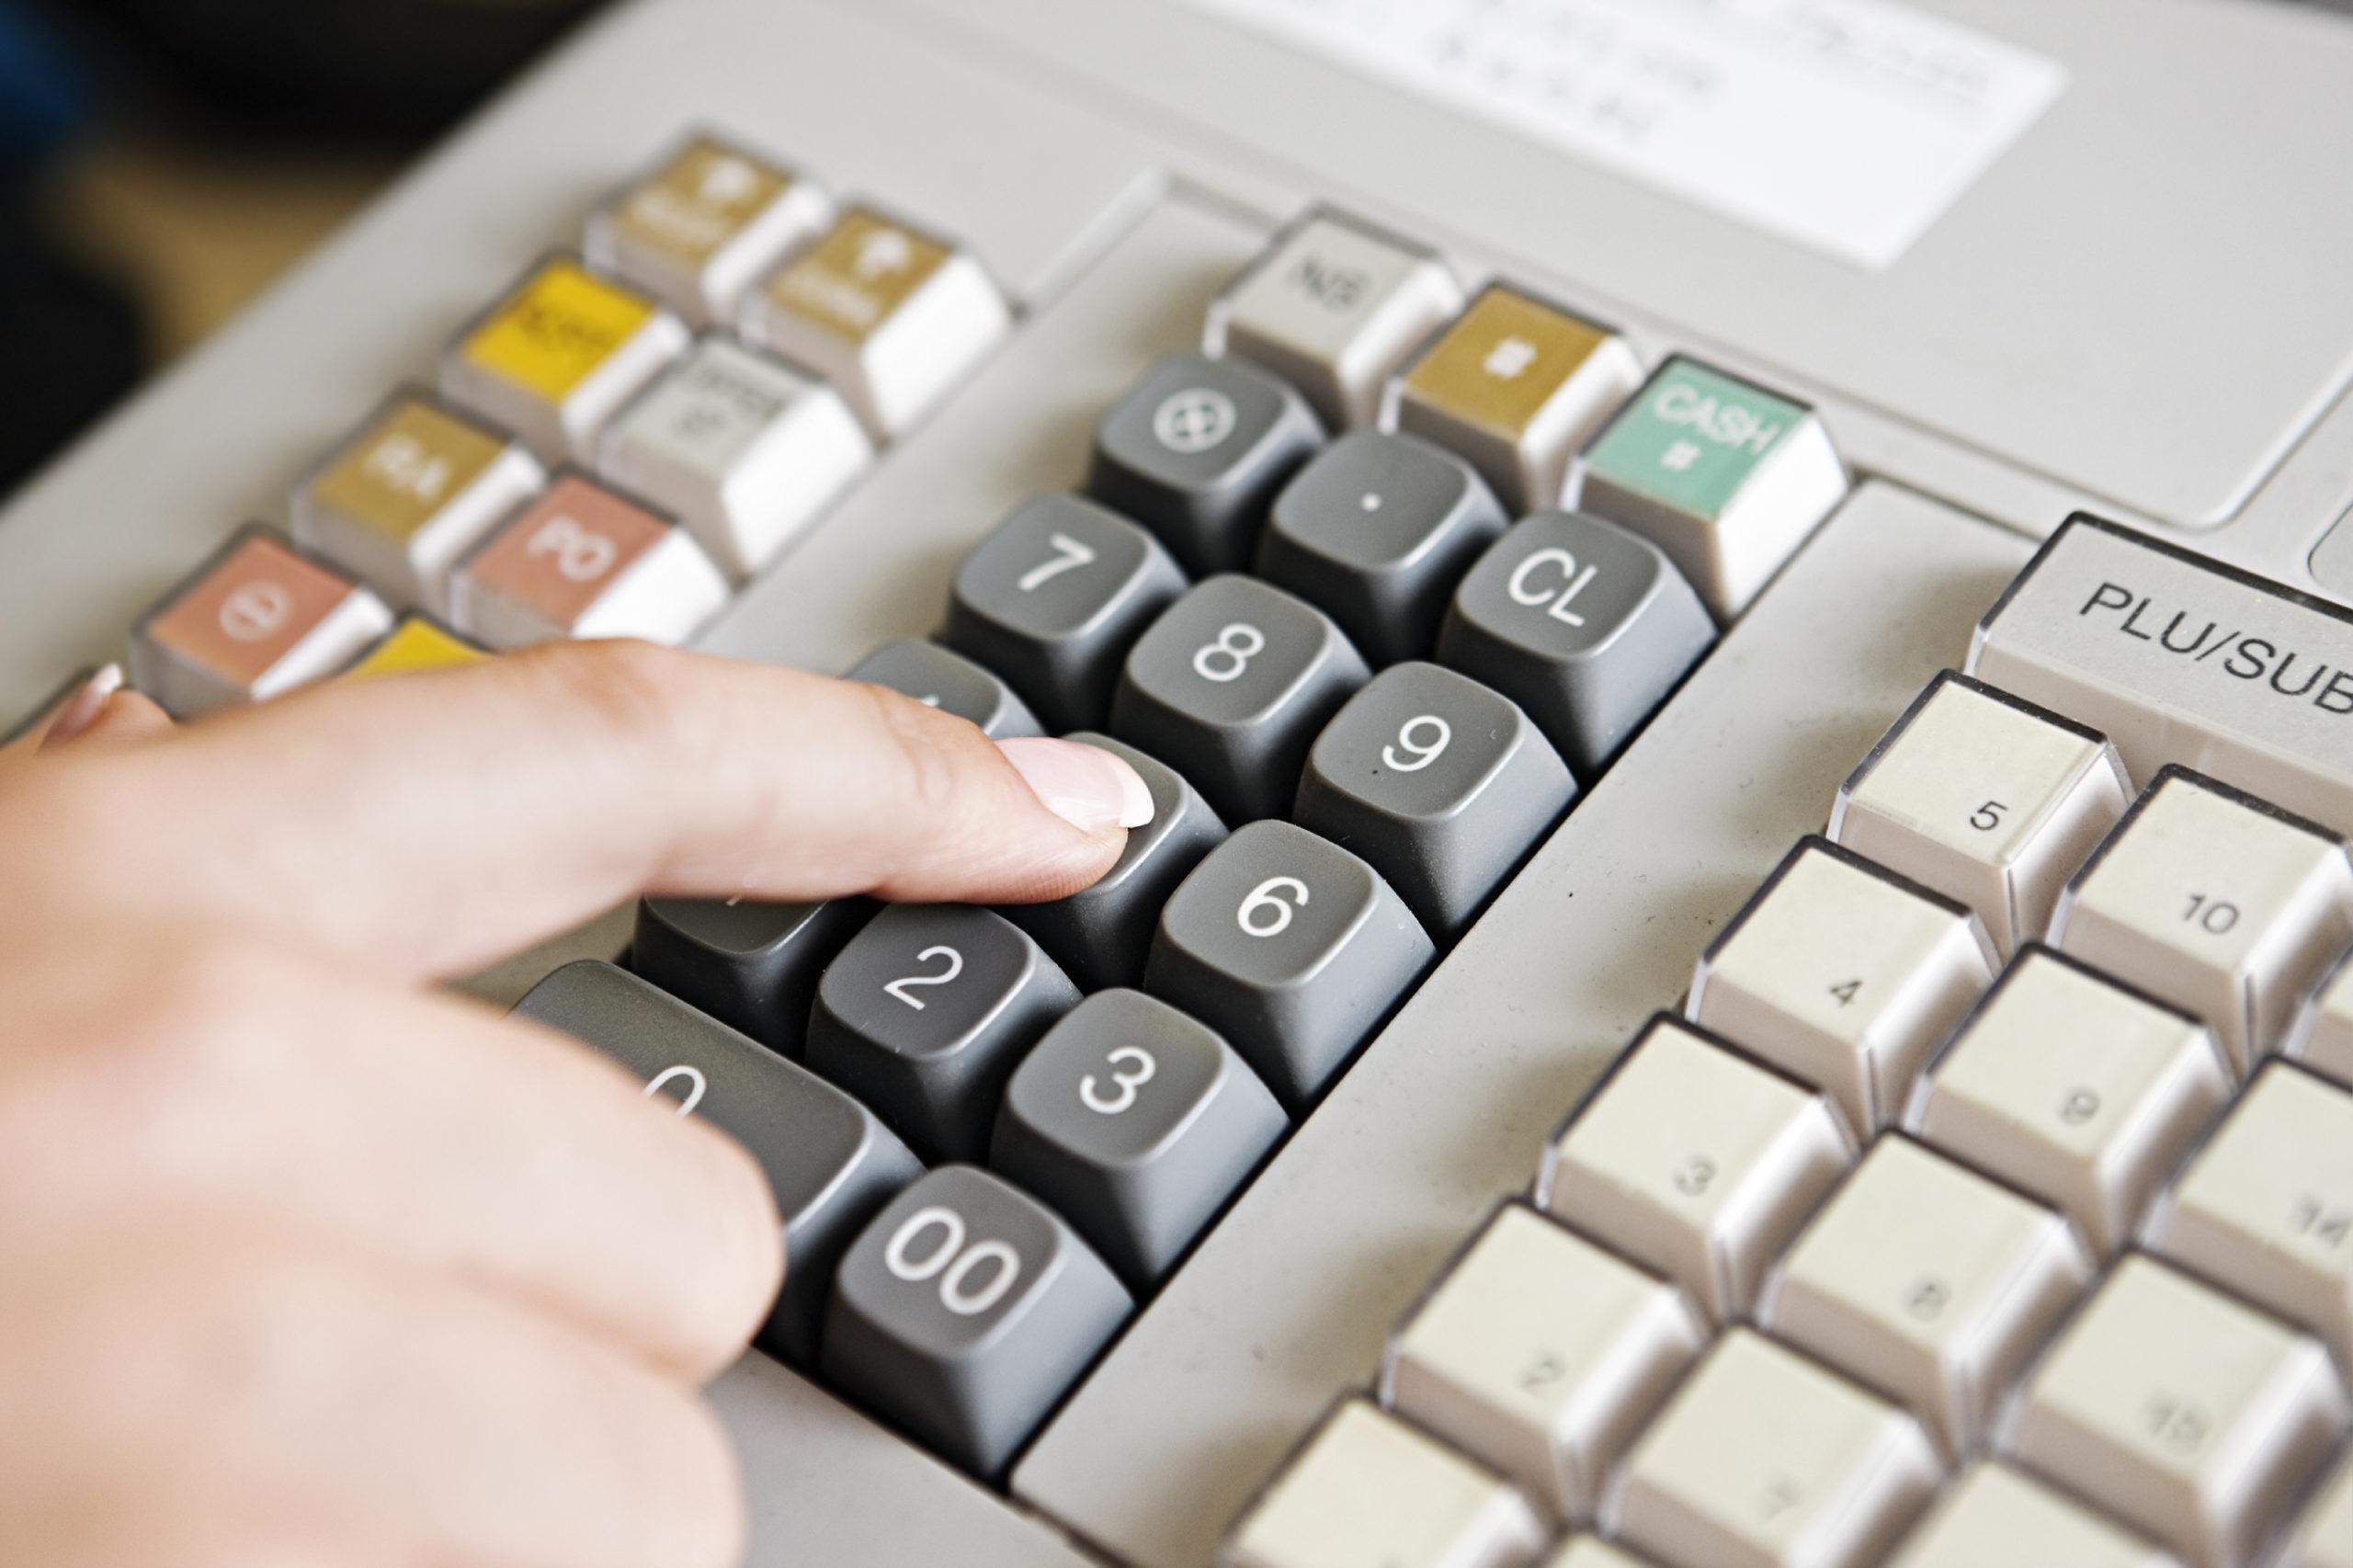 Rzecznik MŚP proponuje zmiany w zakresie refundacji kas fiskalnych